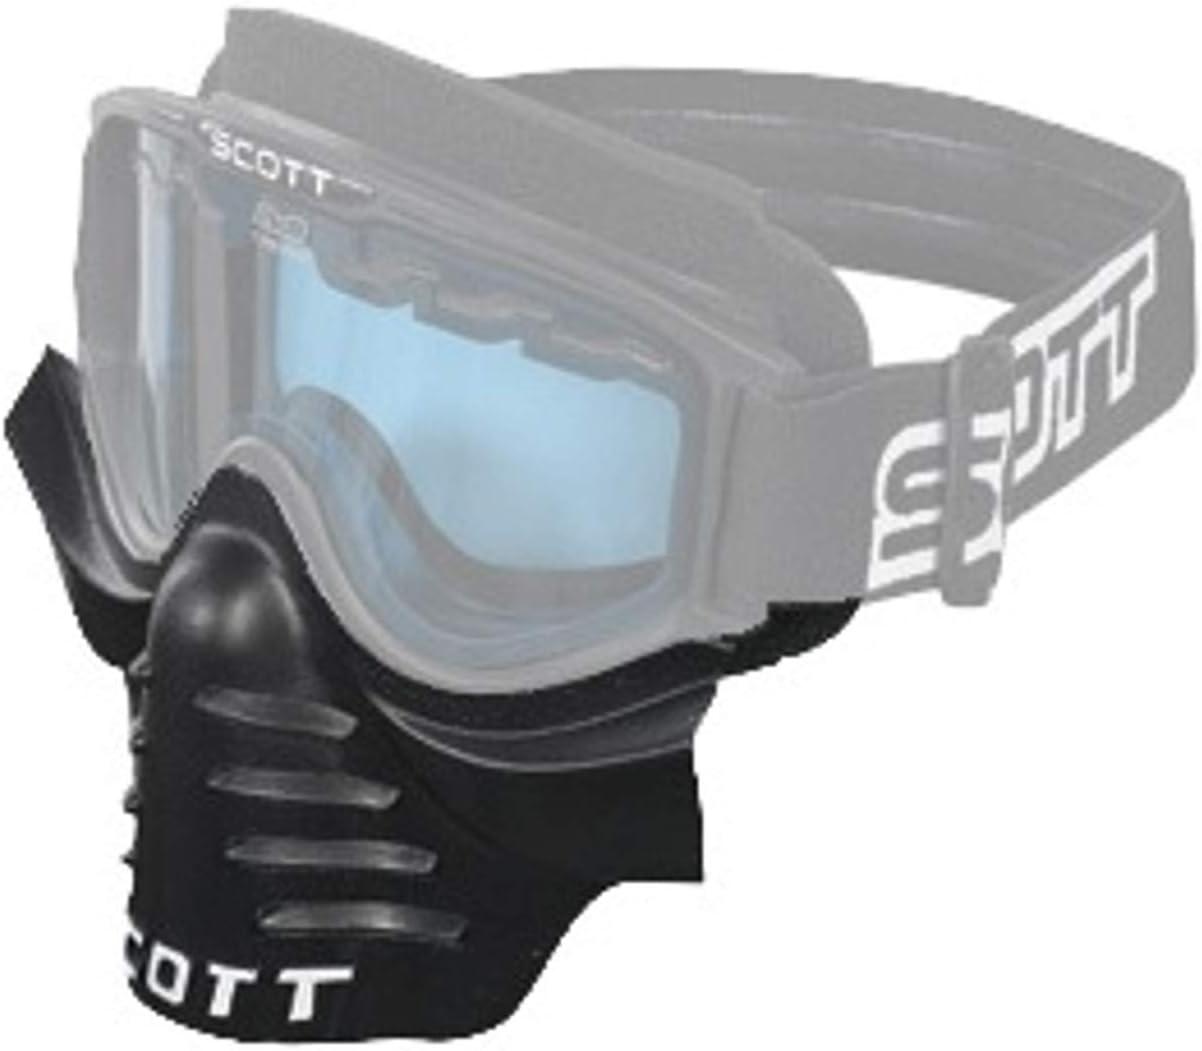 Scott Faceguard Venturi W Facefoam Black 1size Auto